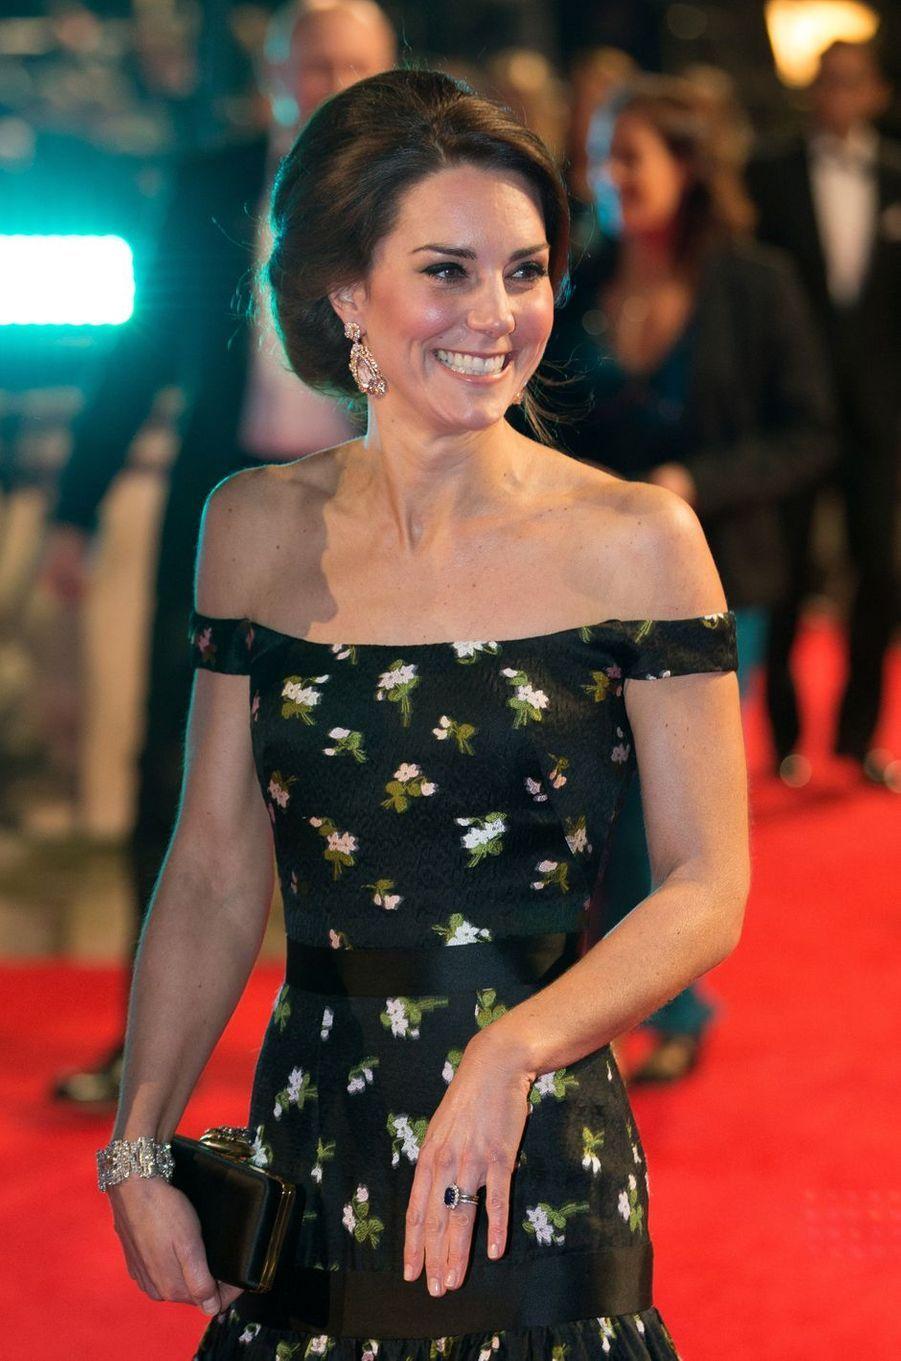 Détail du décolleté de la duchesse de Cambridge, née Kate Middleton, à Londres, le 12 février 2017